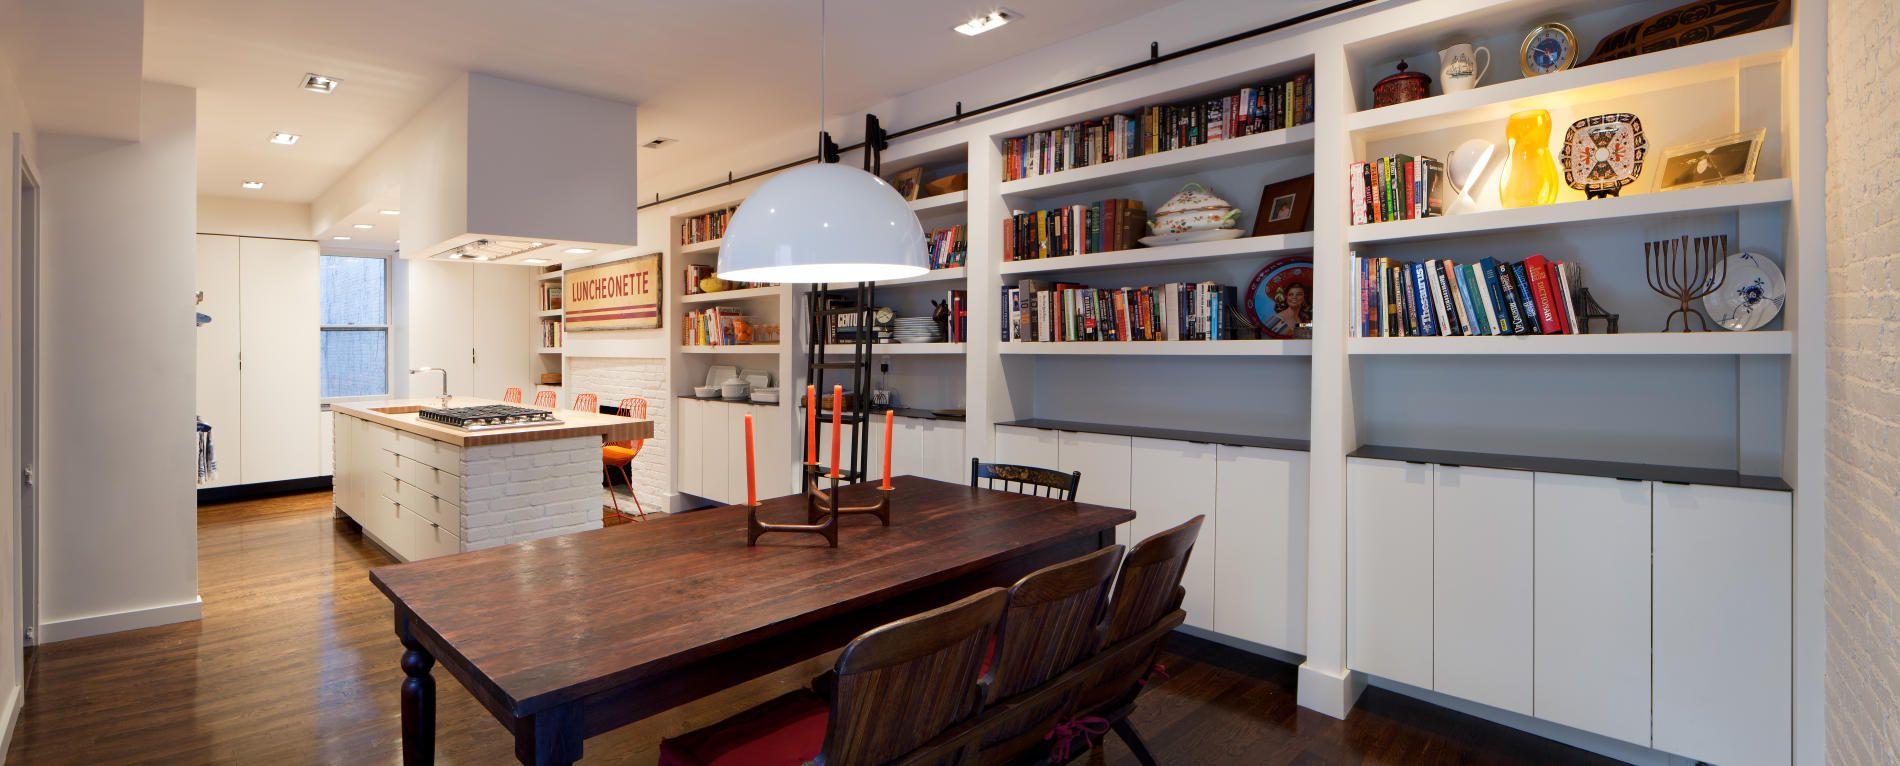 Bunker Workshop Kitchen And Dining Room